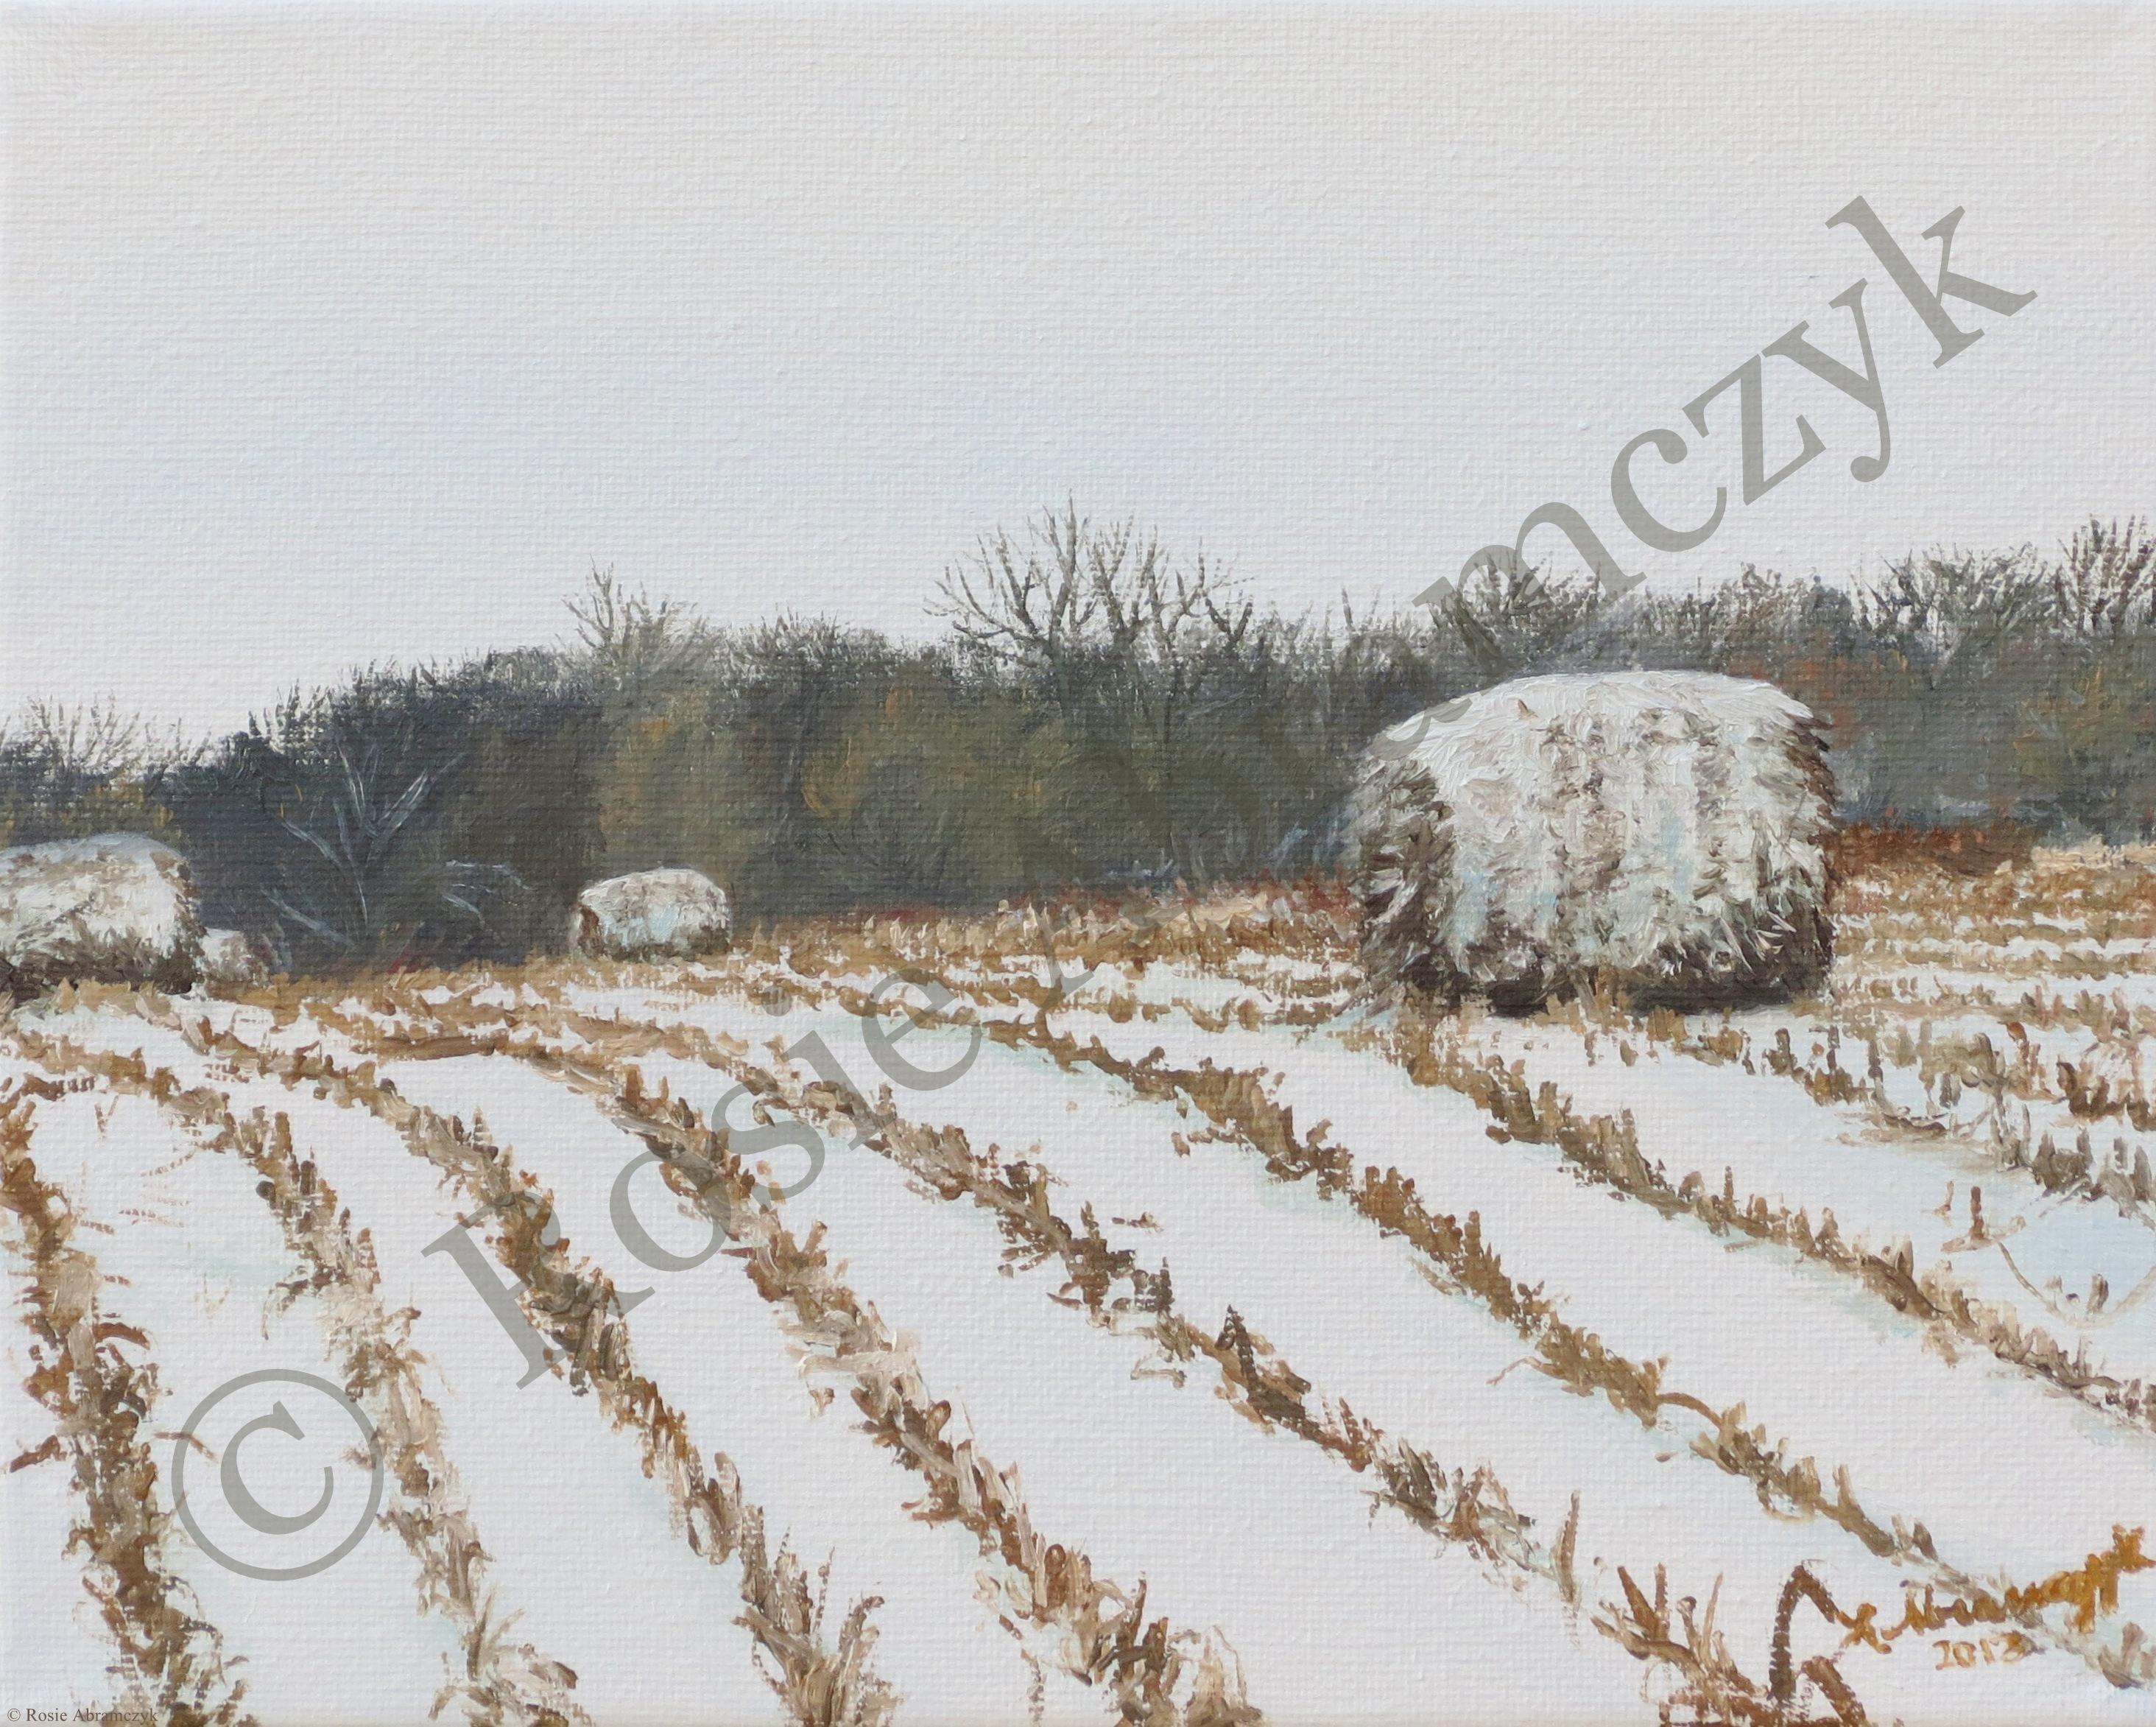 Snow Dusted Wheat Field in Beloit, KS, by Rosie Abramczyk, Oil Paint, 2013